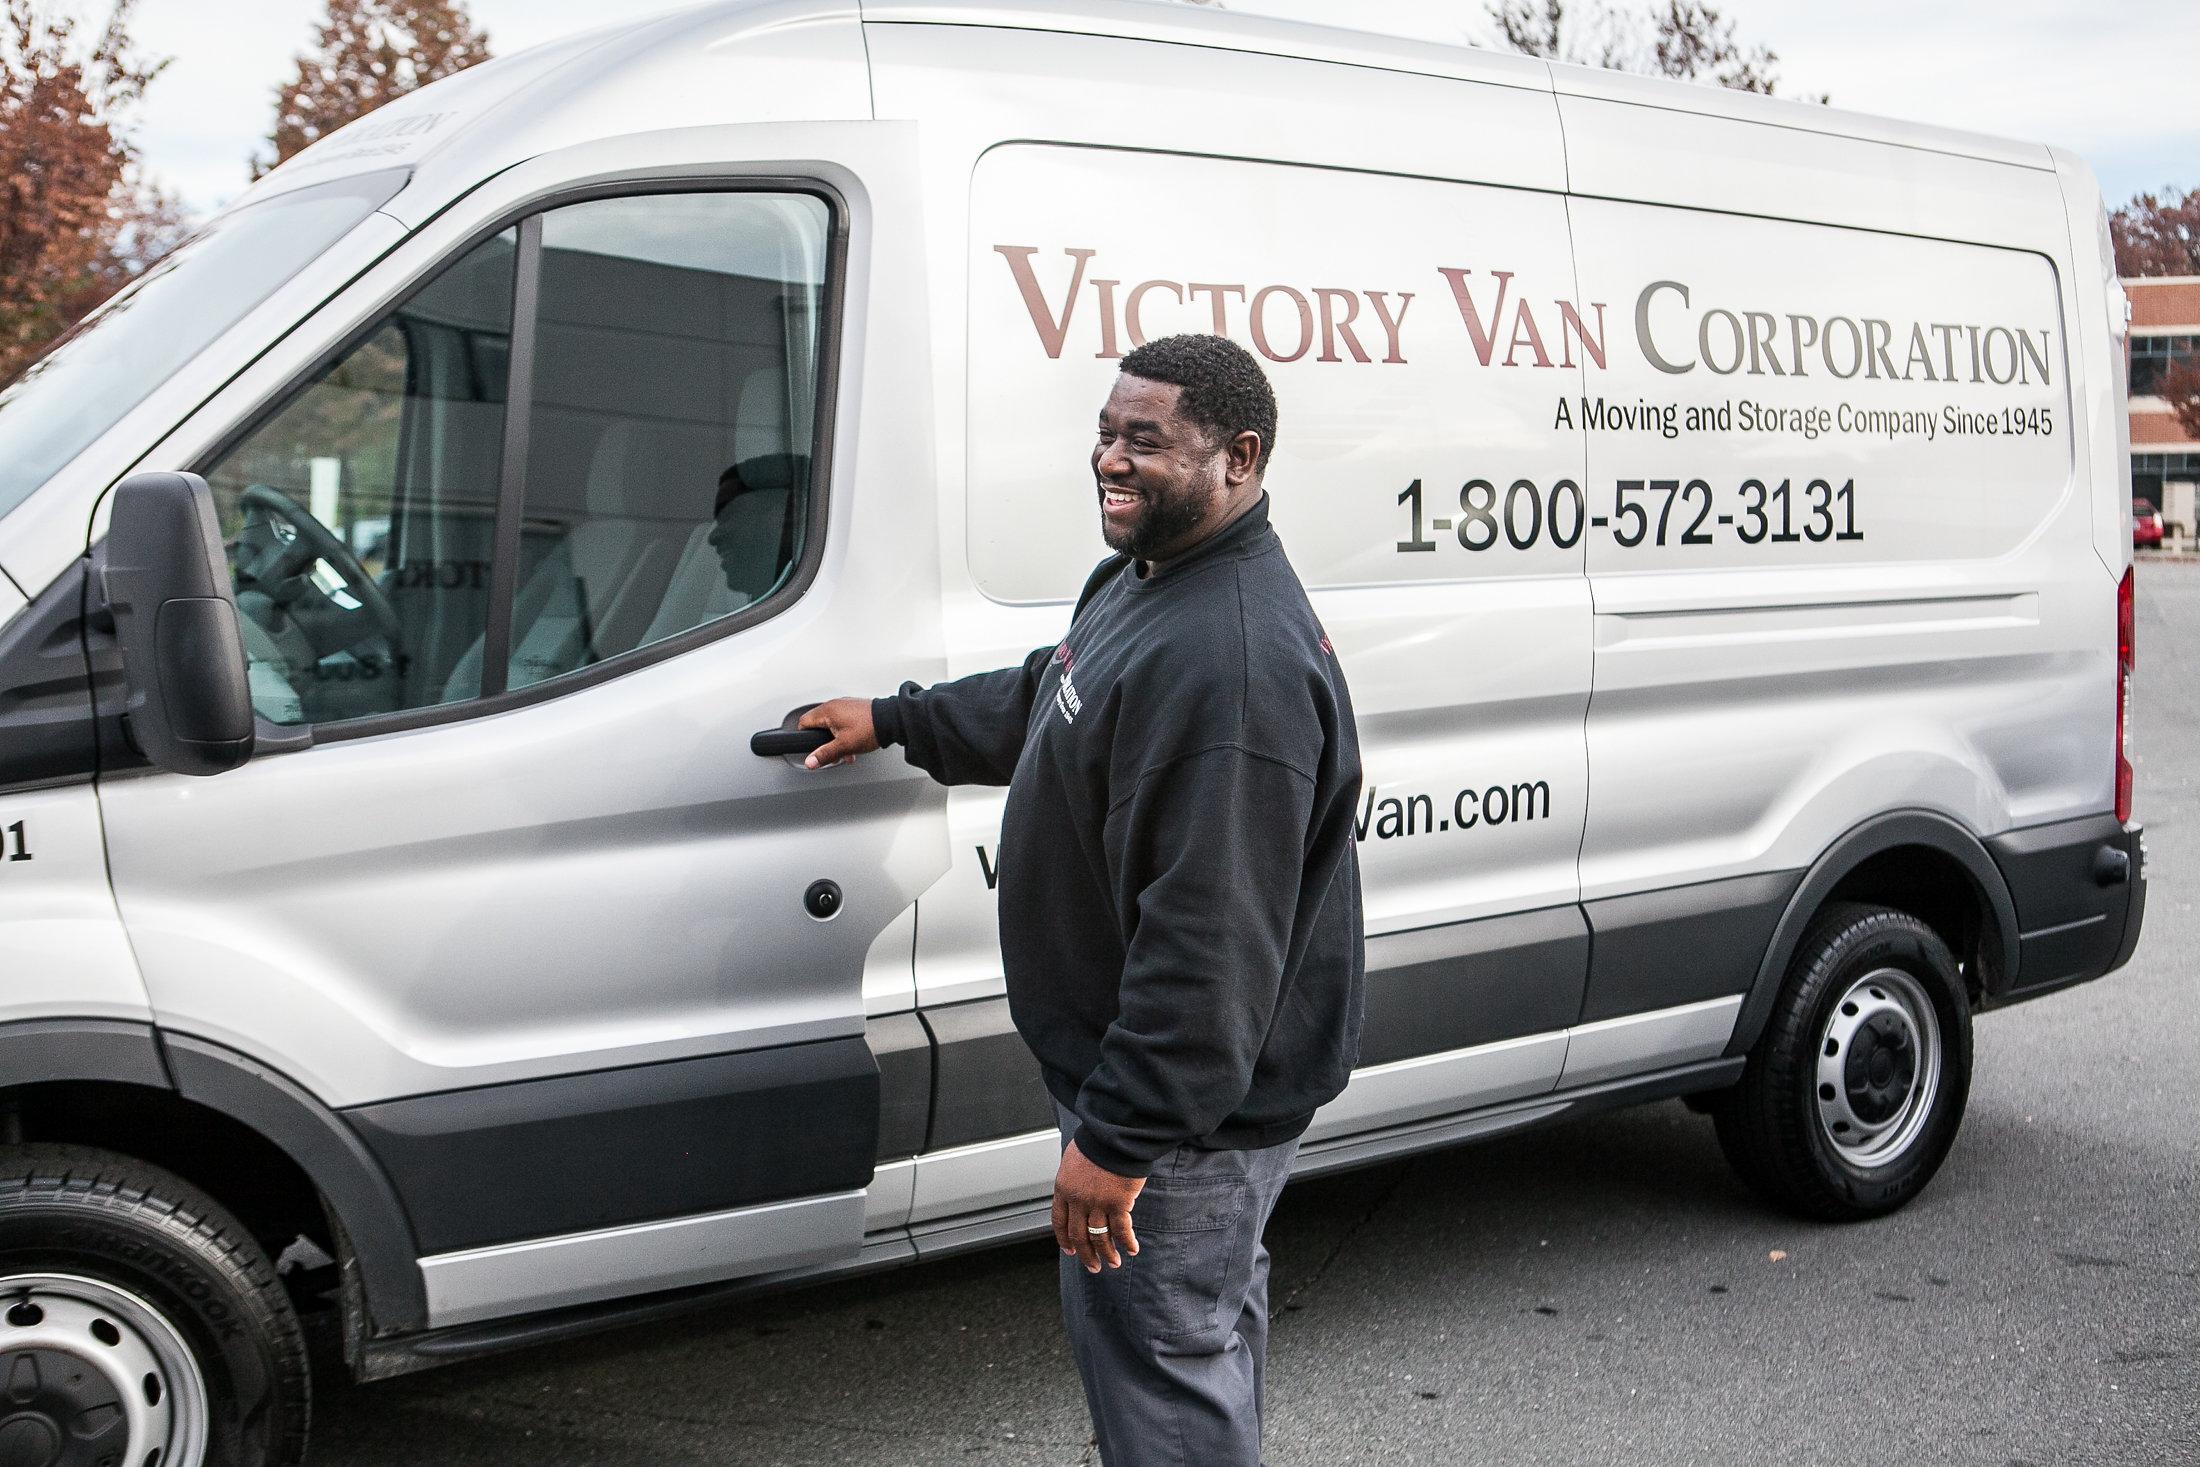 victory van truck and employee